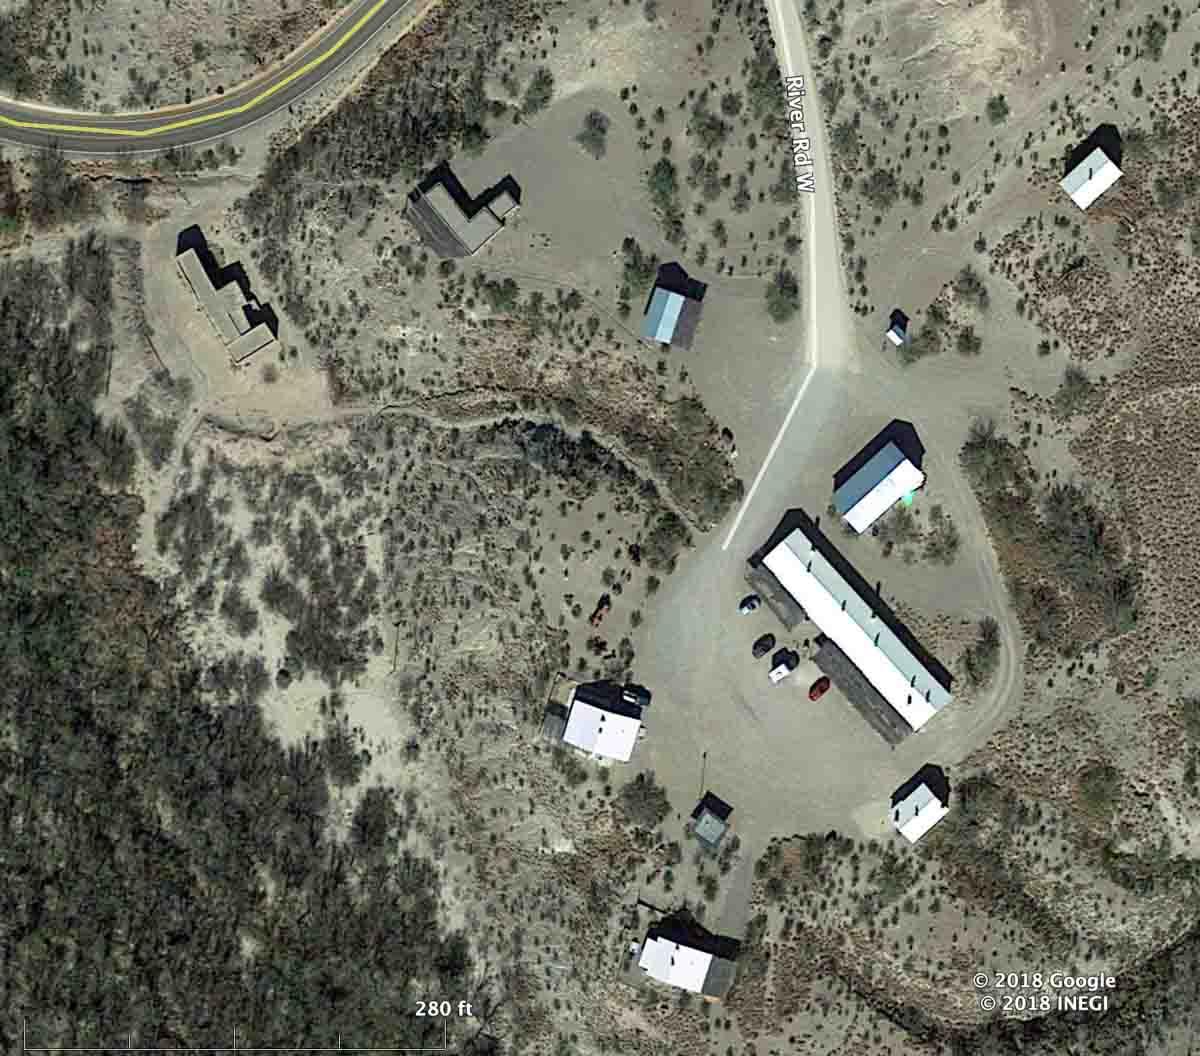 Satellite photo Castolon Fire area